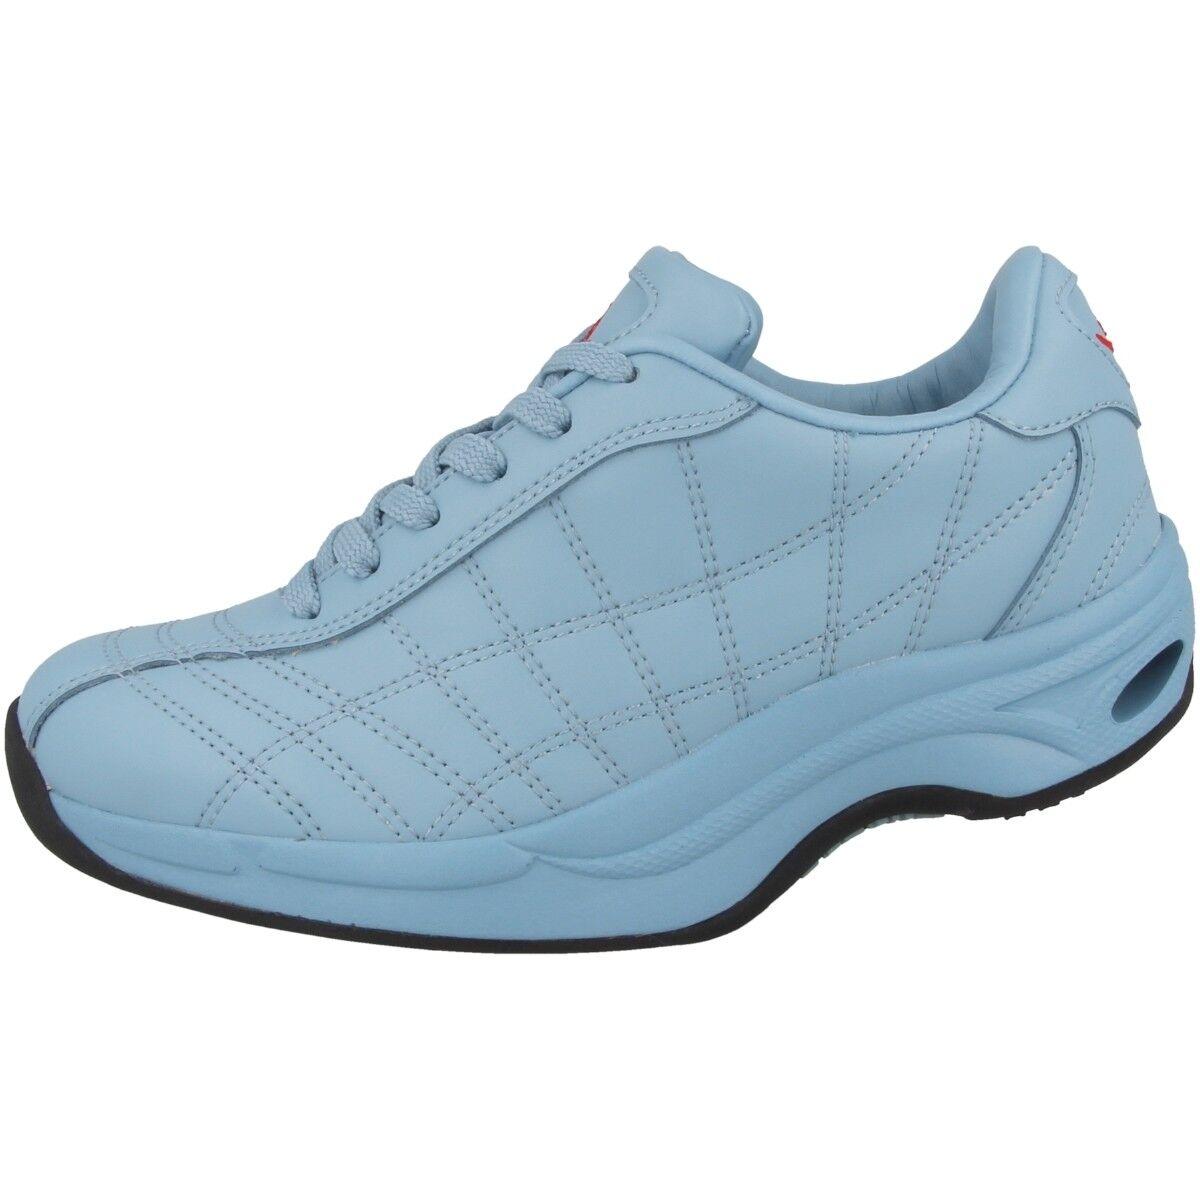 Chung Shi Balance Step Casual Mujer  zapatos  Damen zapatos Sneaker Halb zapatos Damen  9100180 03bb9d